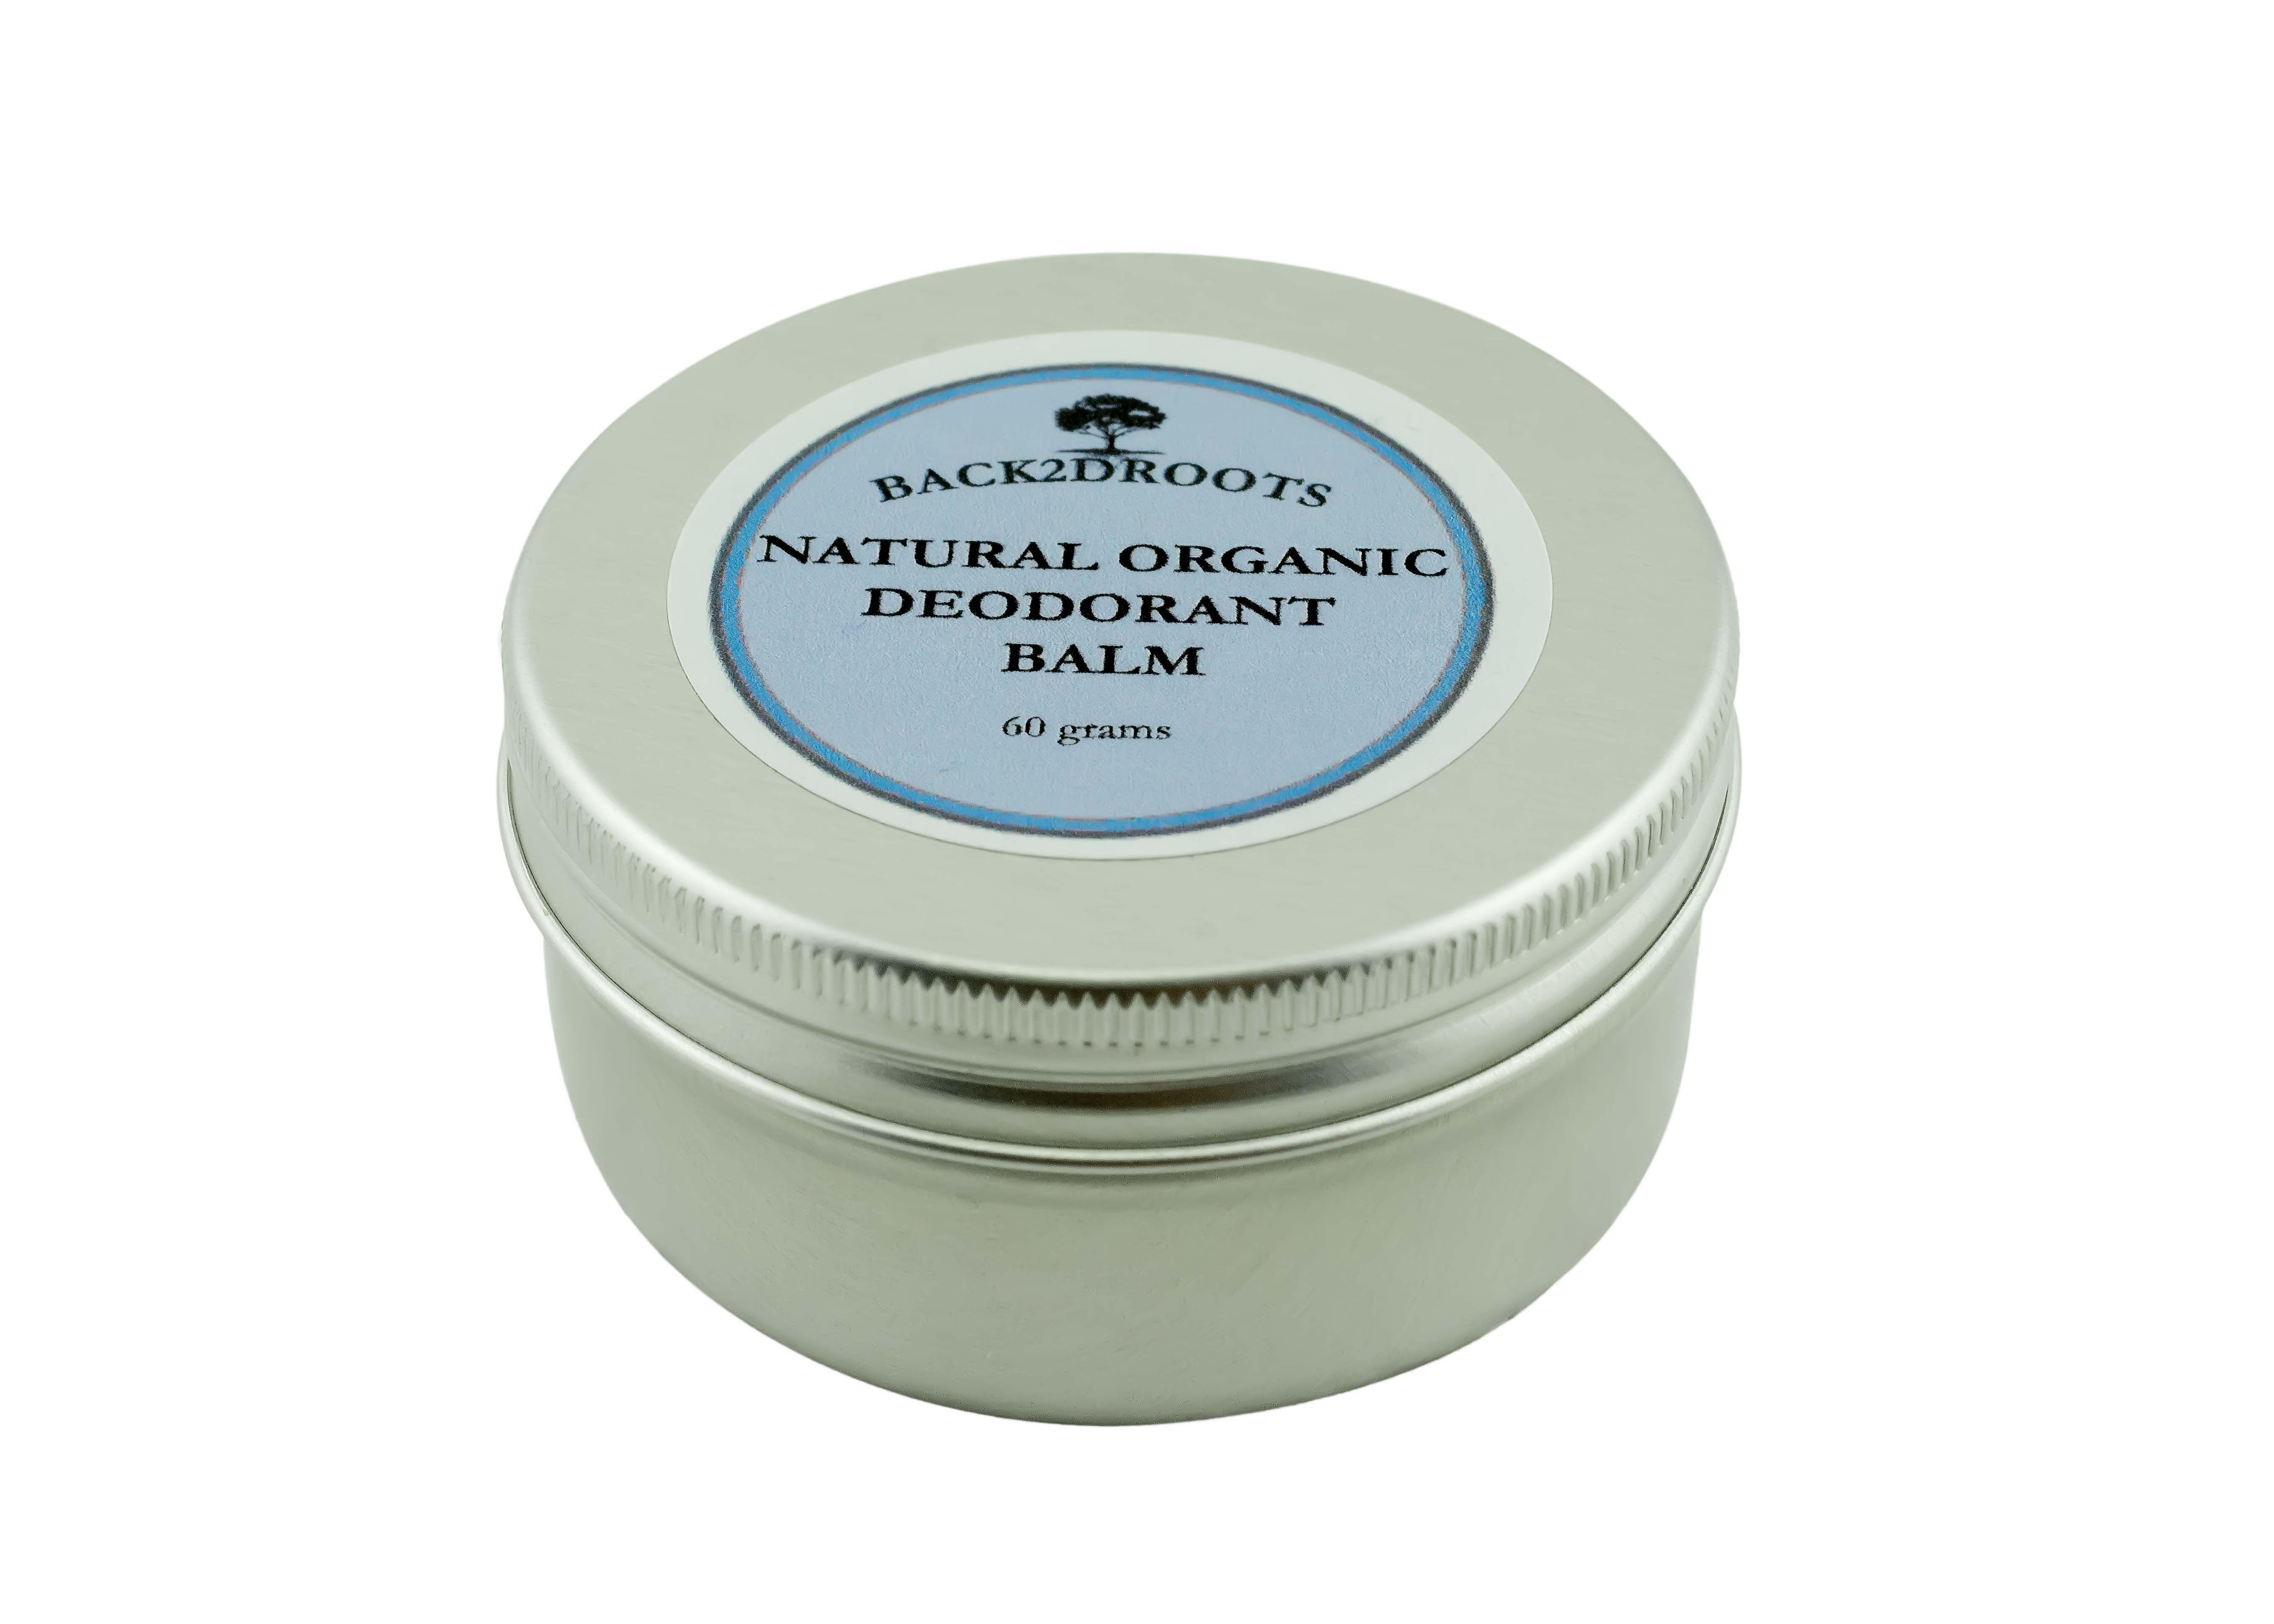 Natural Organic Deodorant Balm 60 grams